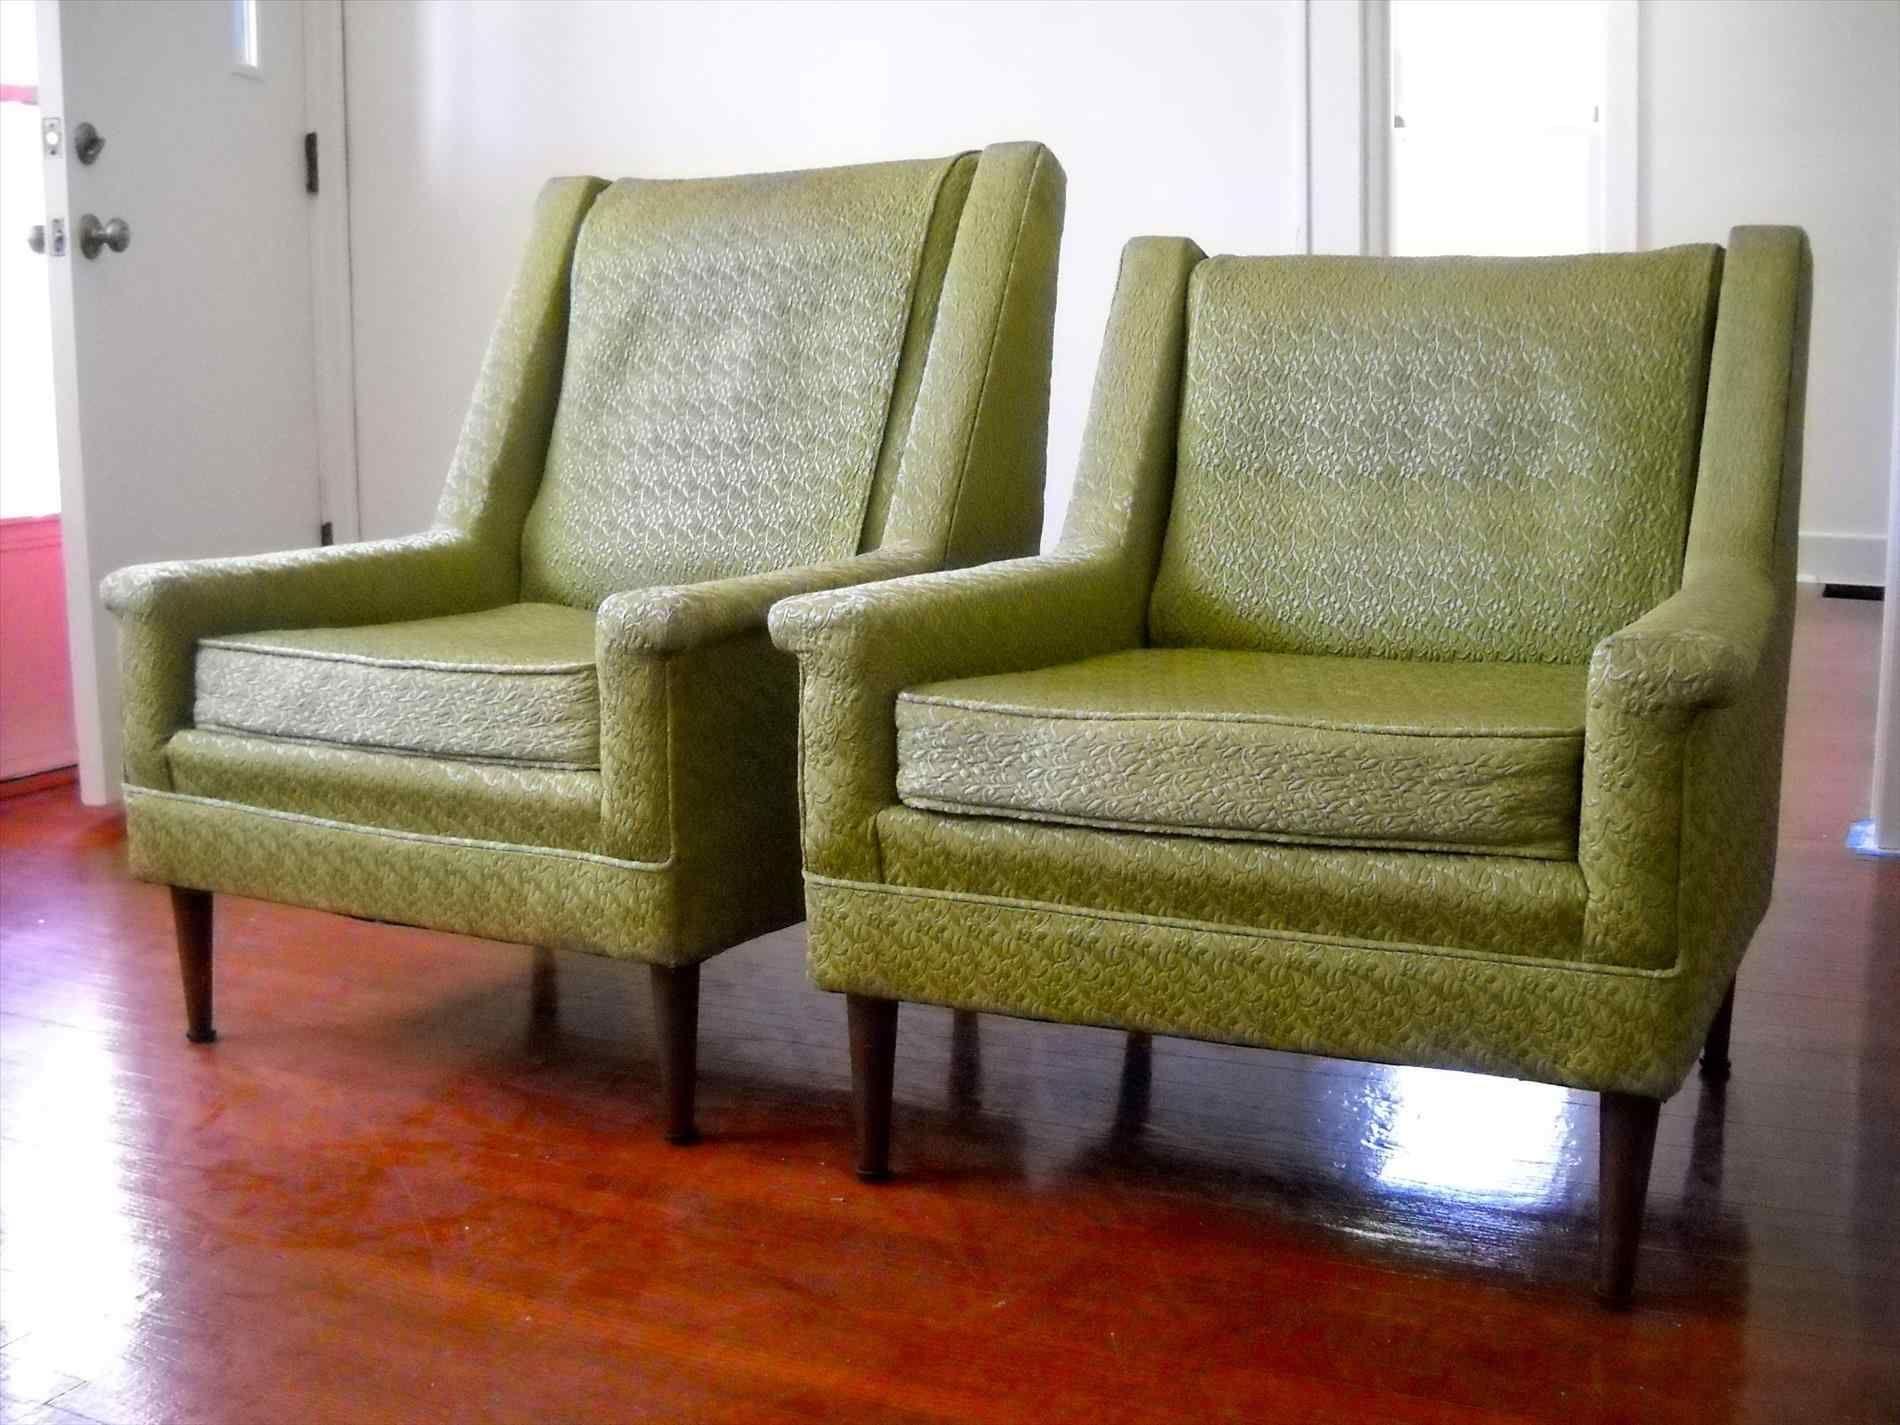 flexsteel sleeper sofa for rv and loveseats reclining trinidad